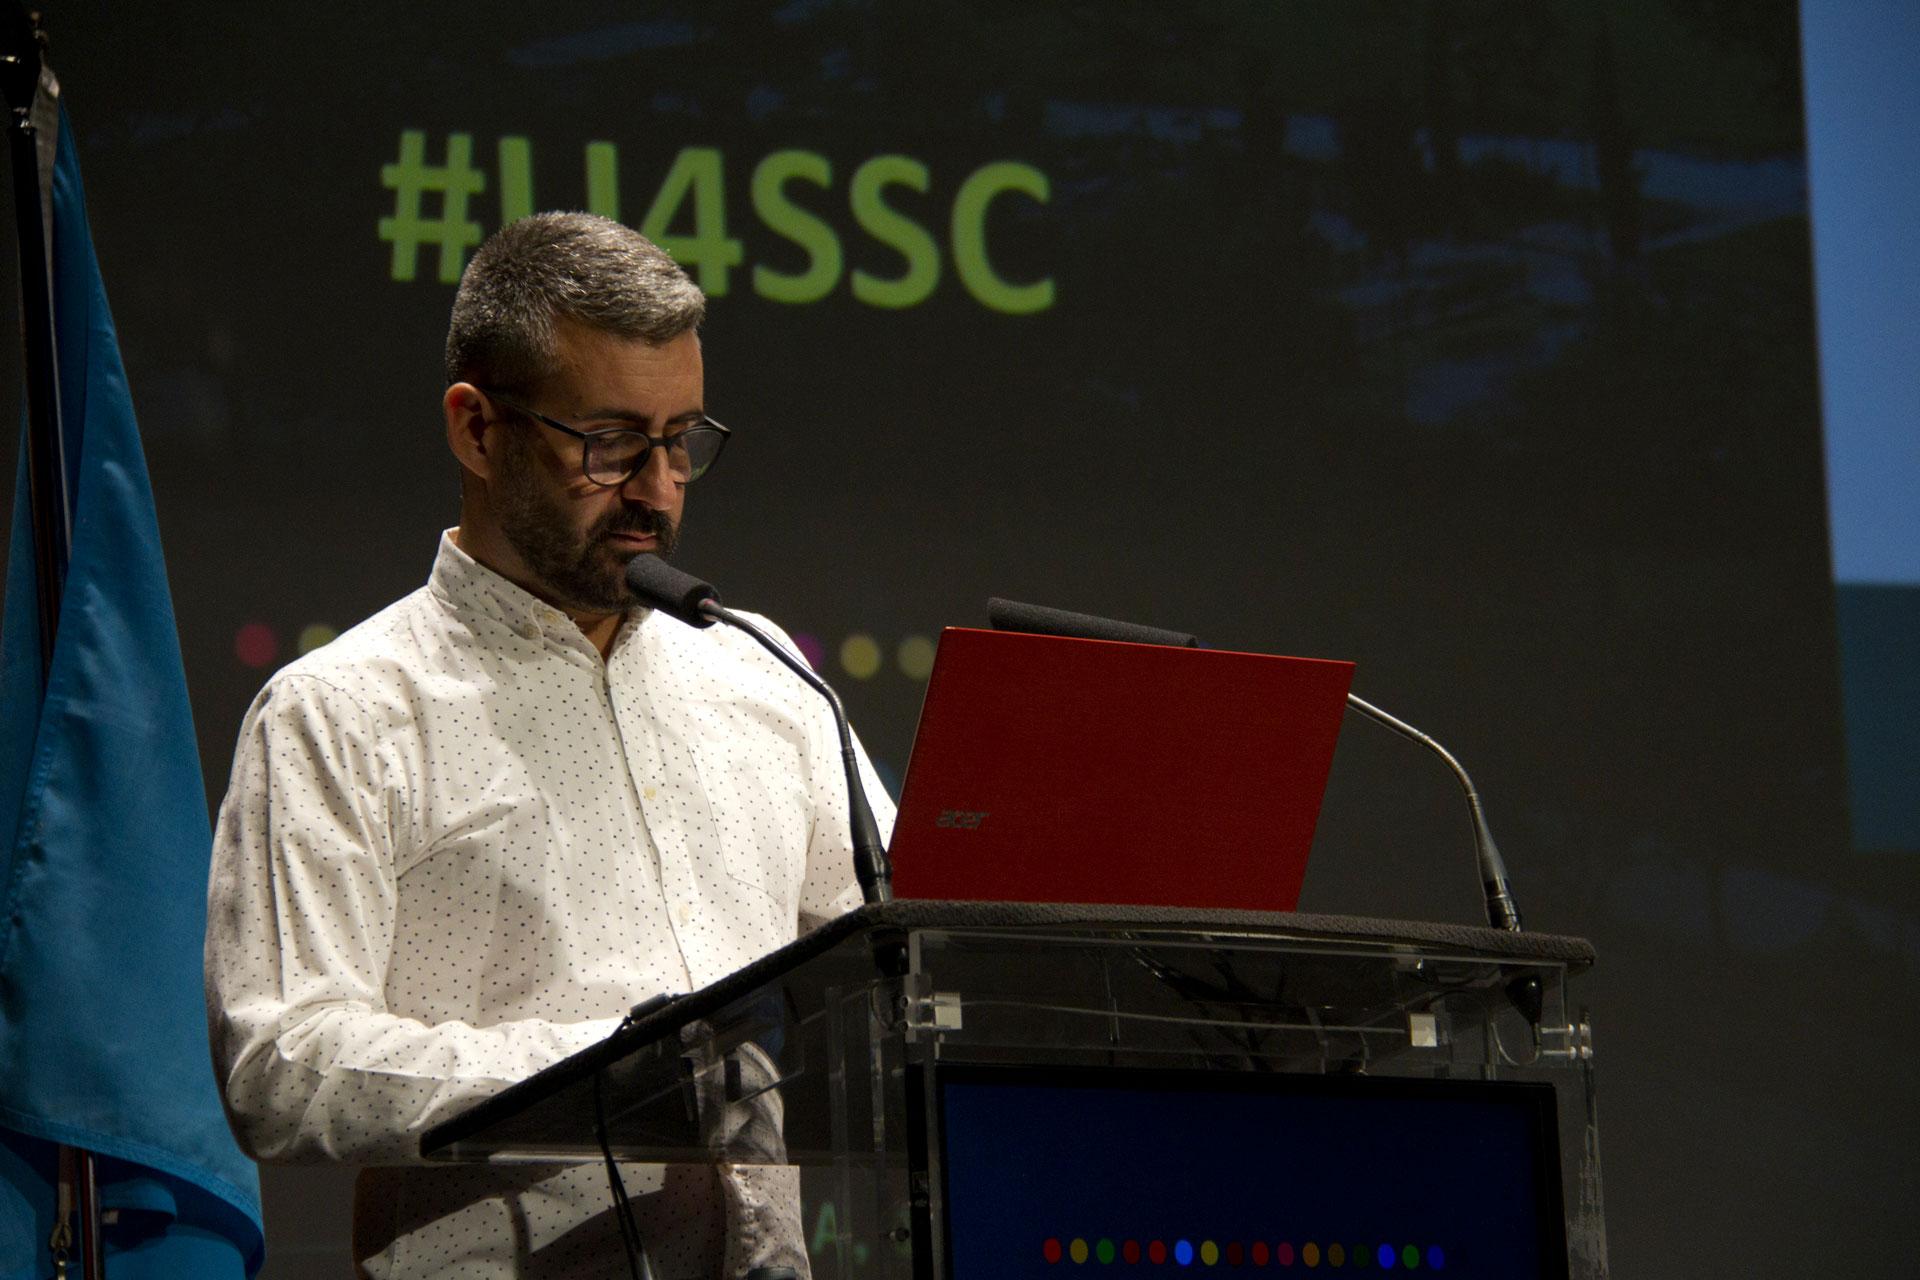 Pere Fuset en la 9ª Setmana de les Normes Verdes - Connectant les ciutats amb els Objectius de Desenvolupament Sostenible